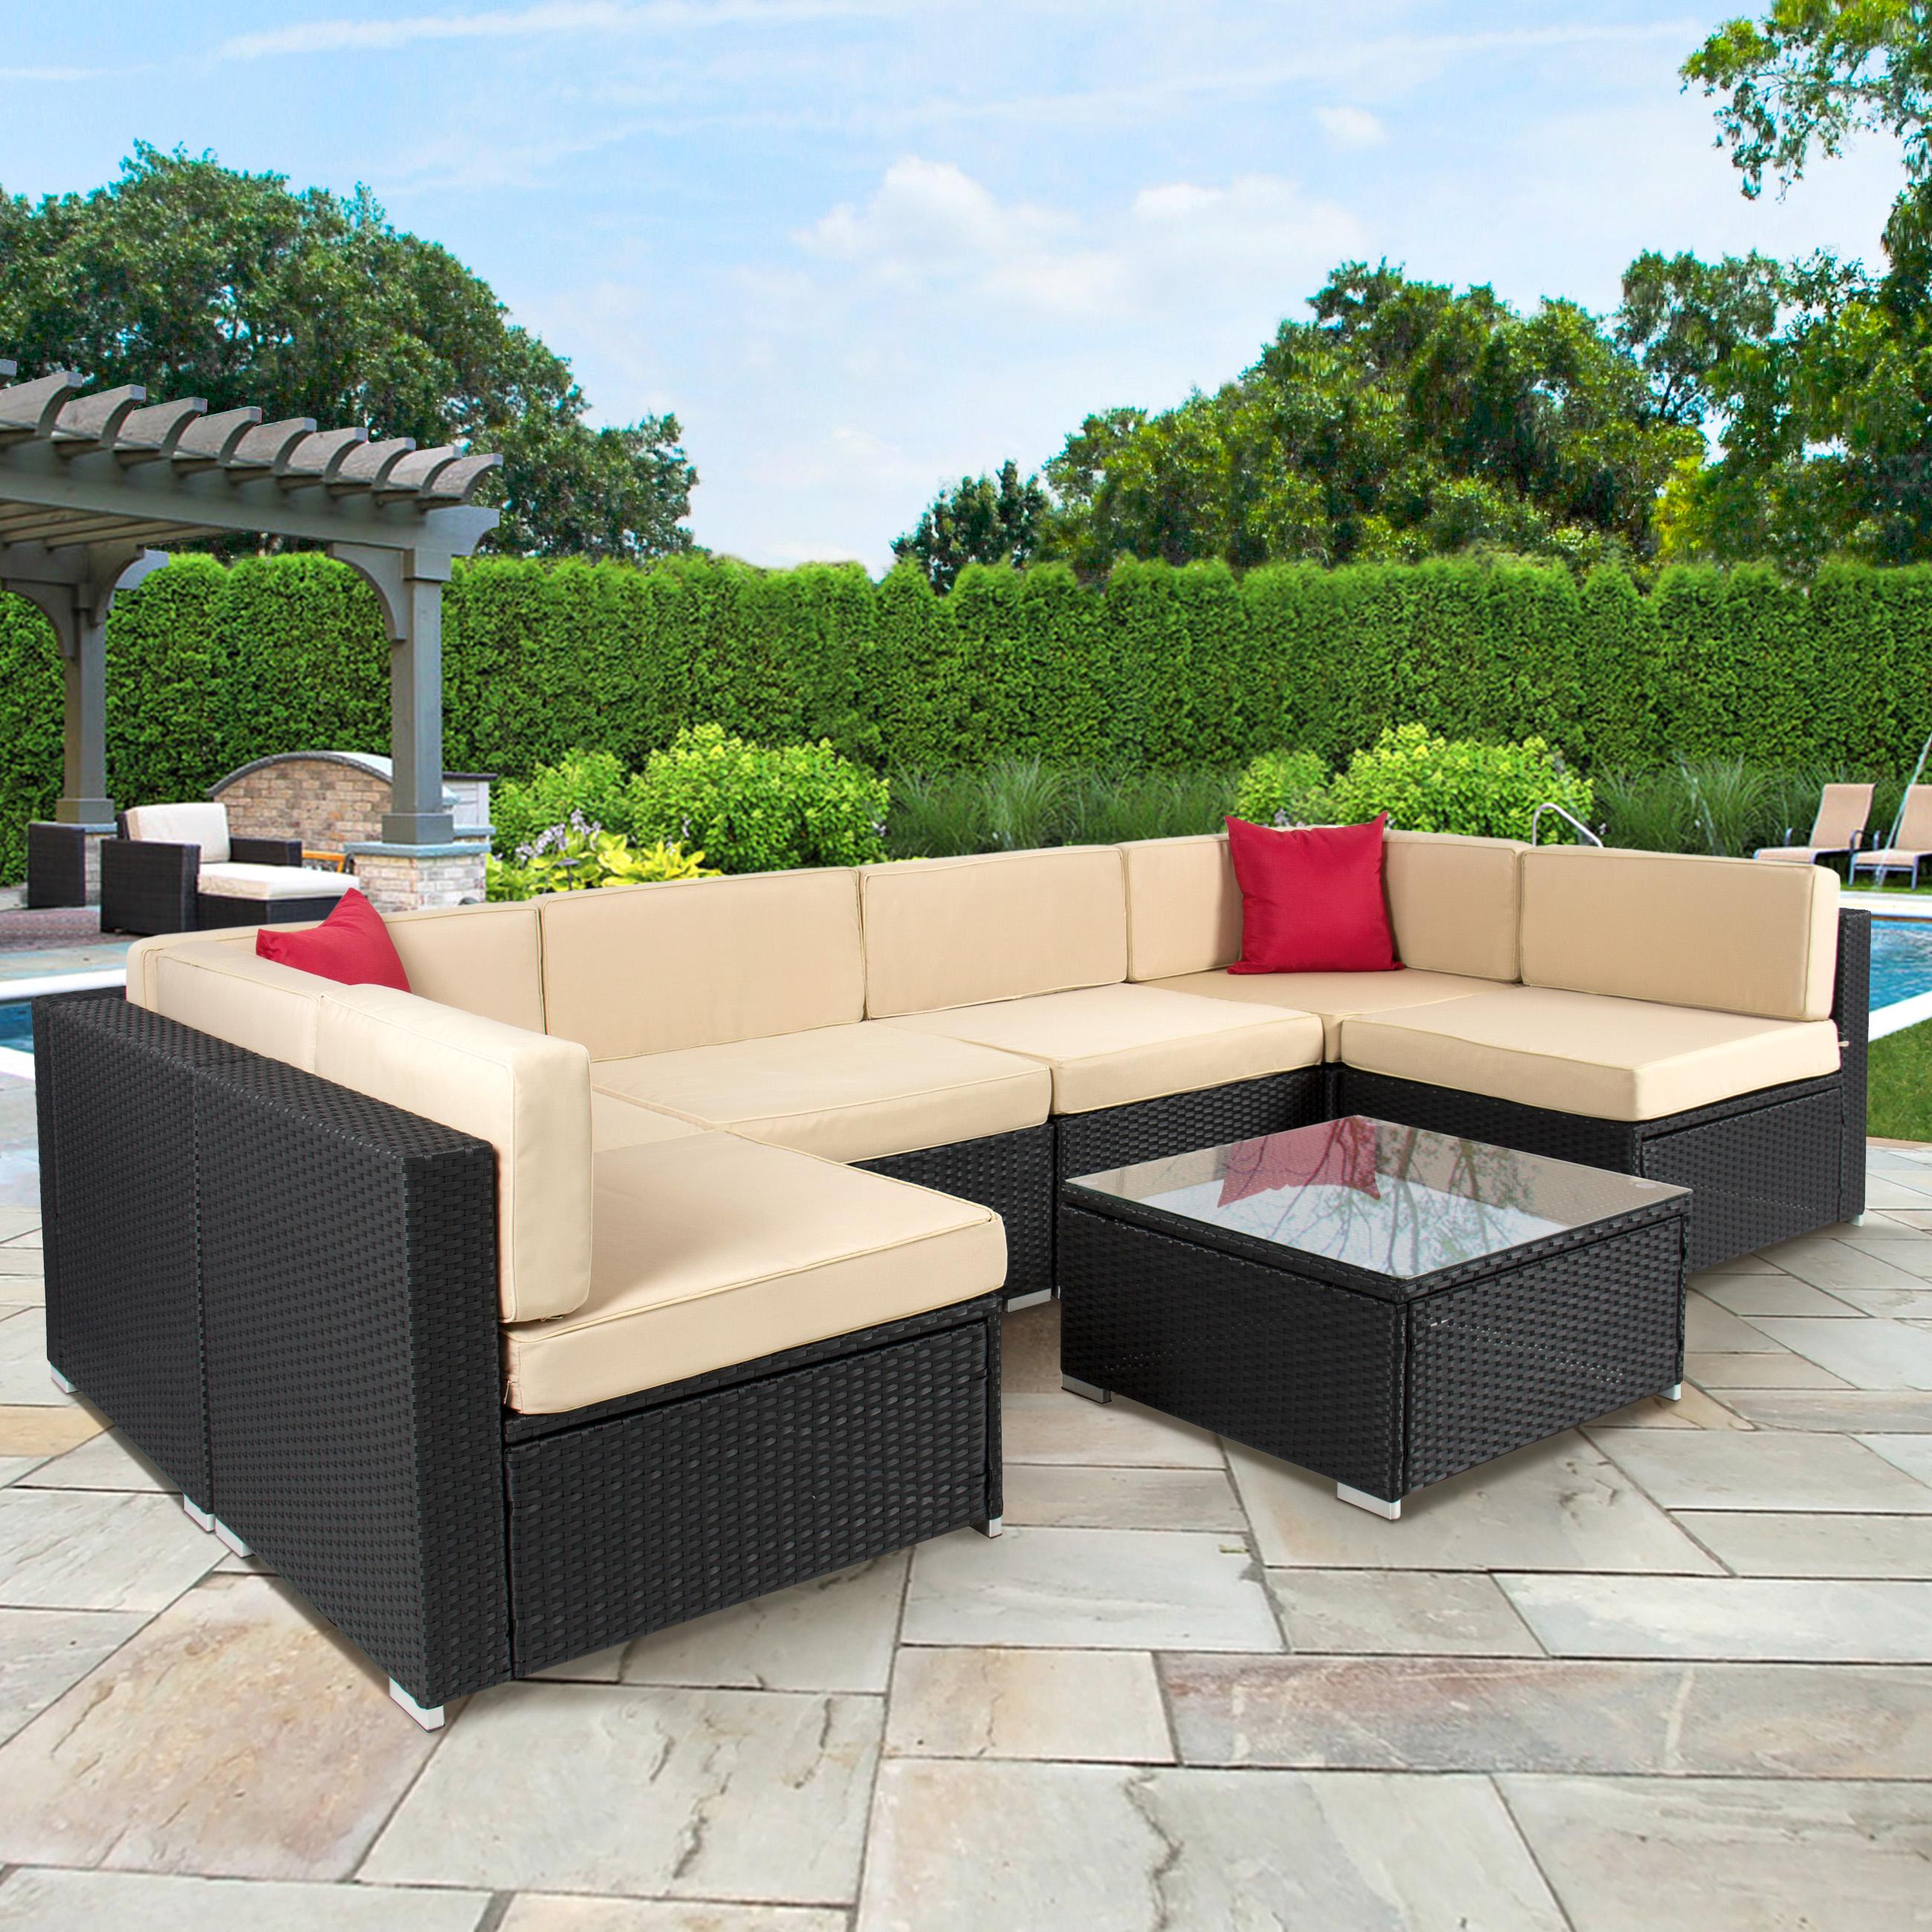 rattan outdoor furniture 4pc outdoor patio garden furniture wicker rattan sofa set black -  walmart.com REKGVER